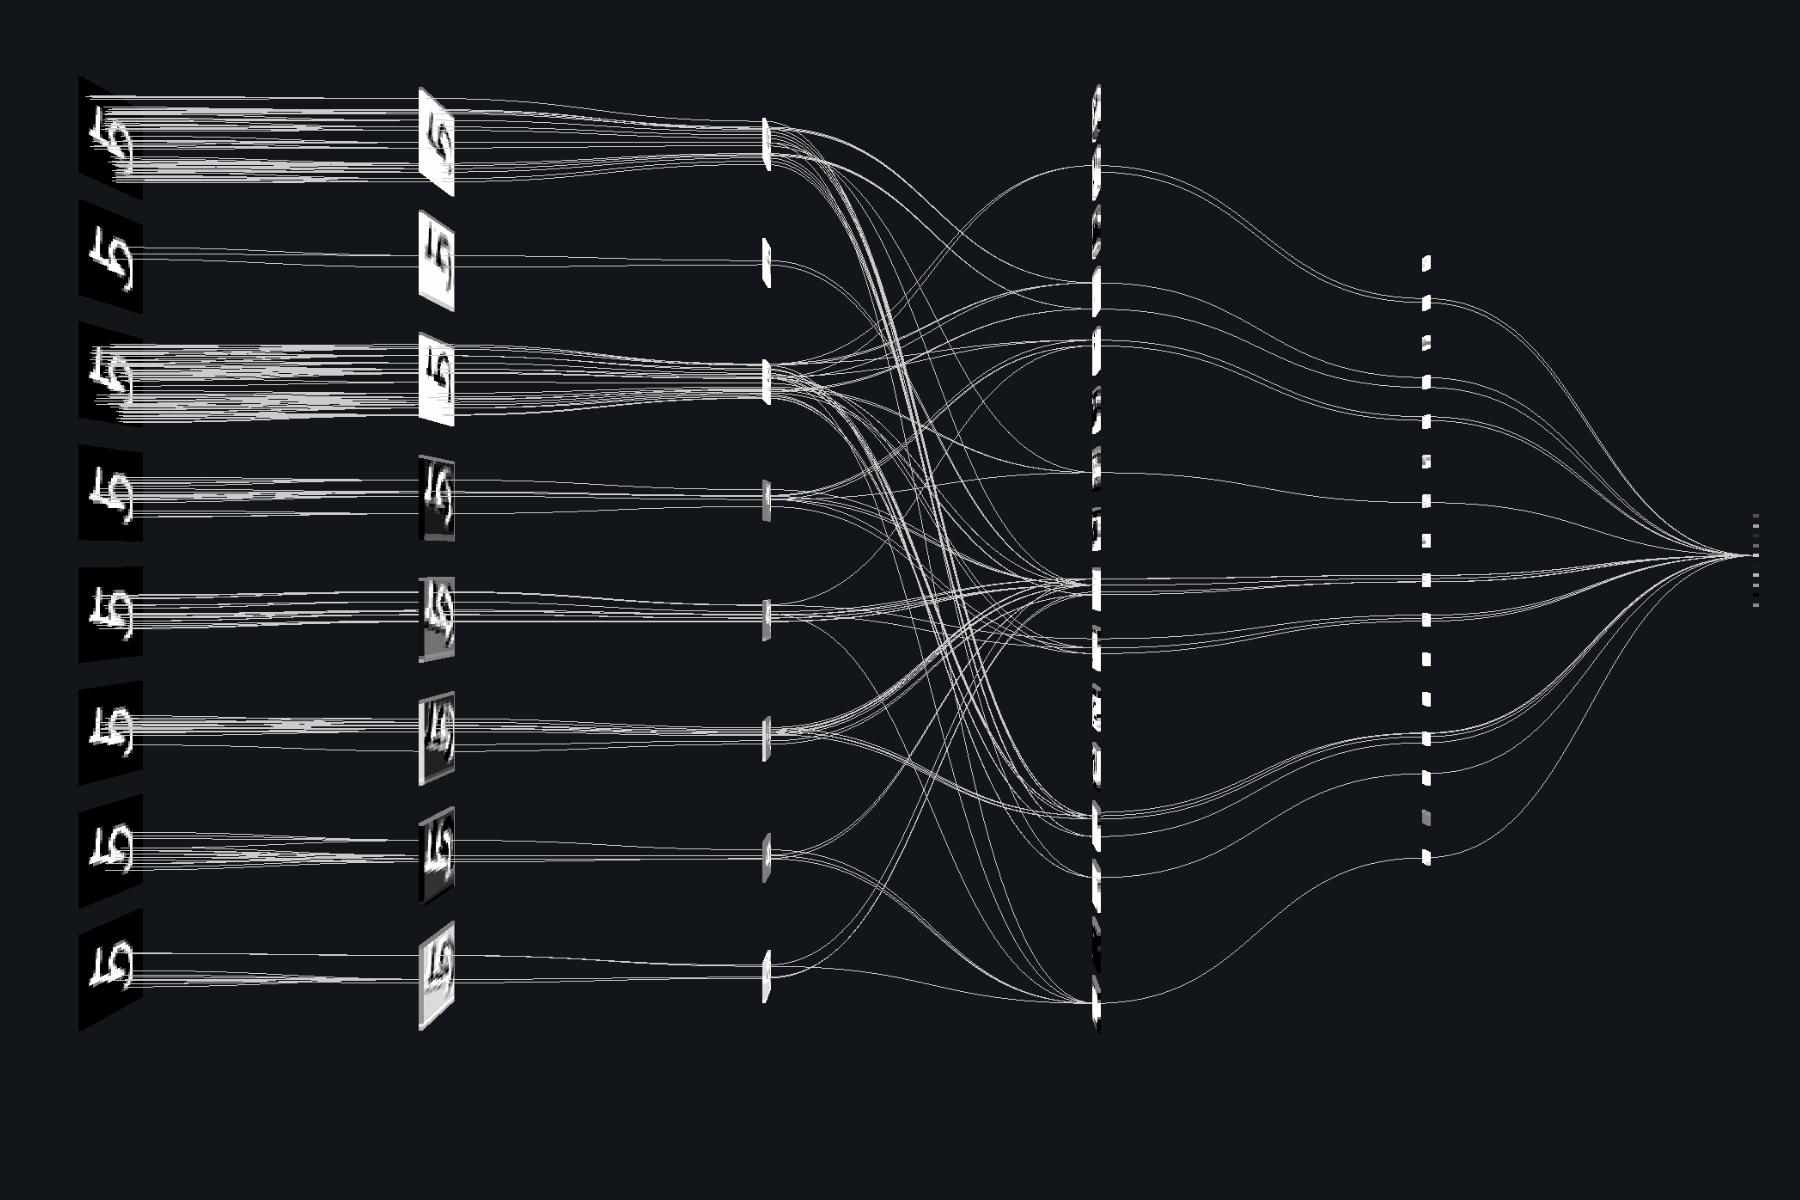 机器学习研究者必知的八个神经网络架构